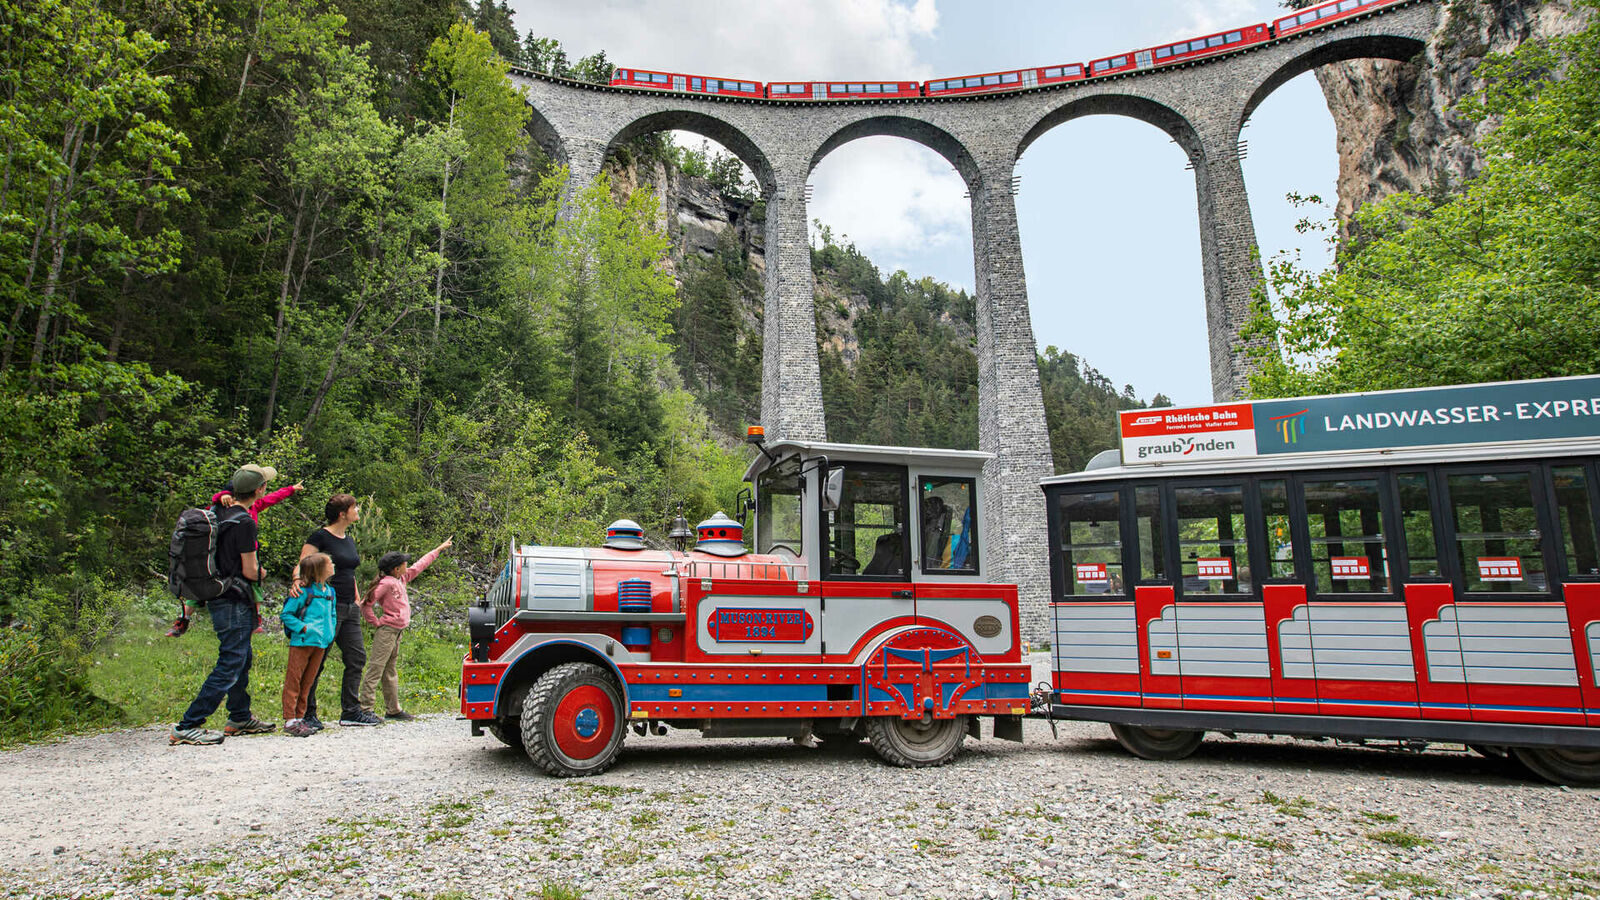 Landwasser Express in front of the imposing Landwasser Viaduct